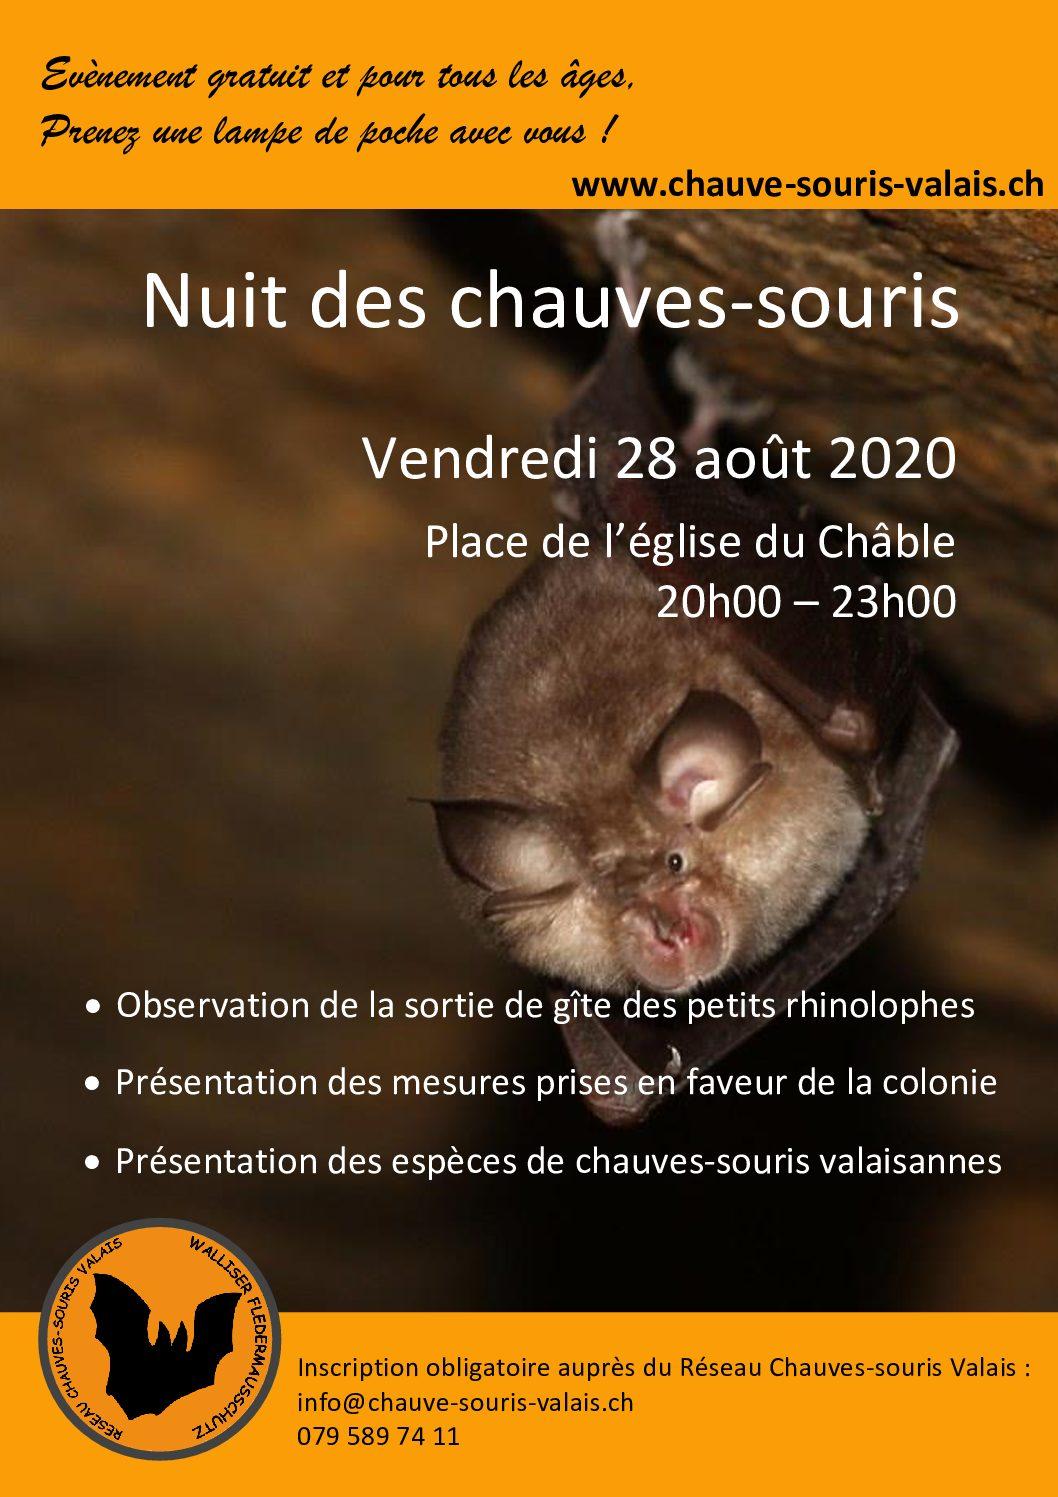 Nuit des Chauves-souris 2020